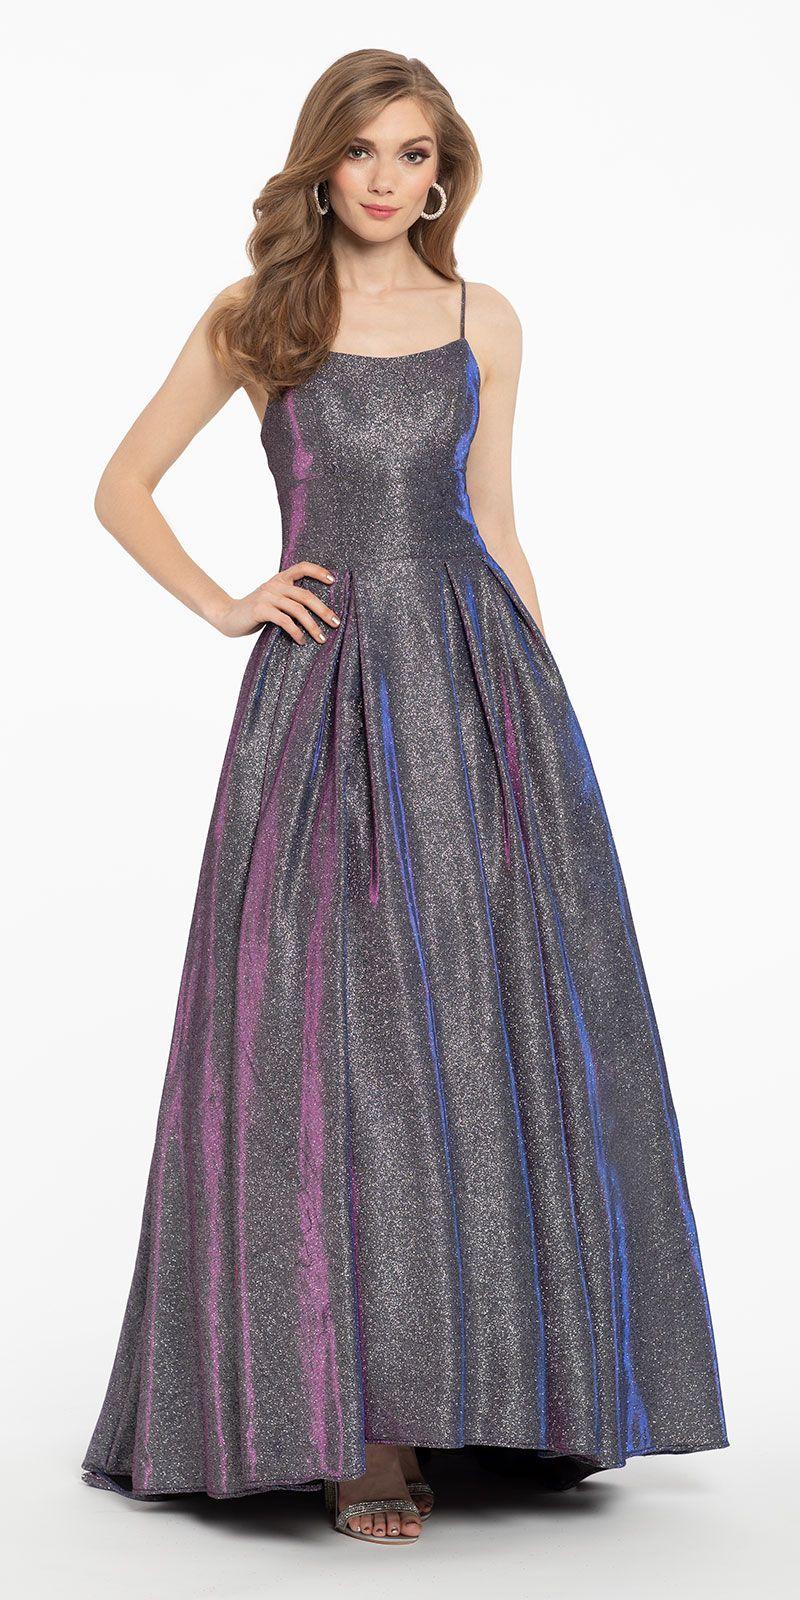 Two Tone Shimmer Slip Ballgown Ball Gowns Ball Gown Skirt Elegant Dresses